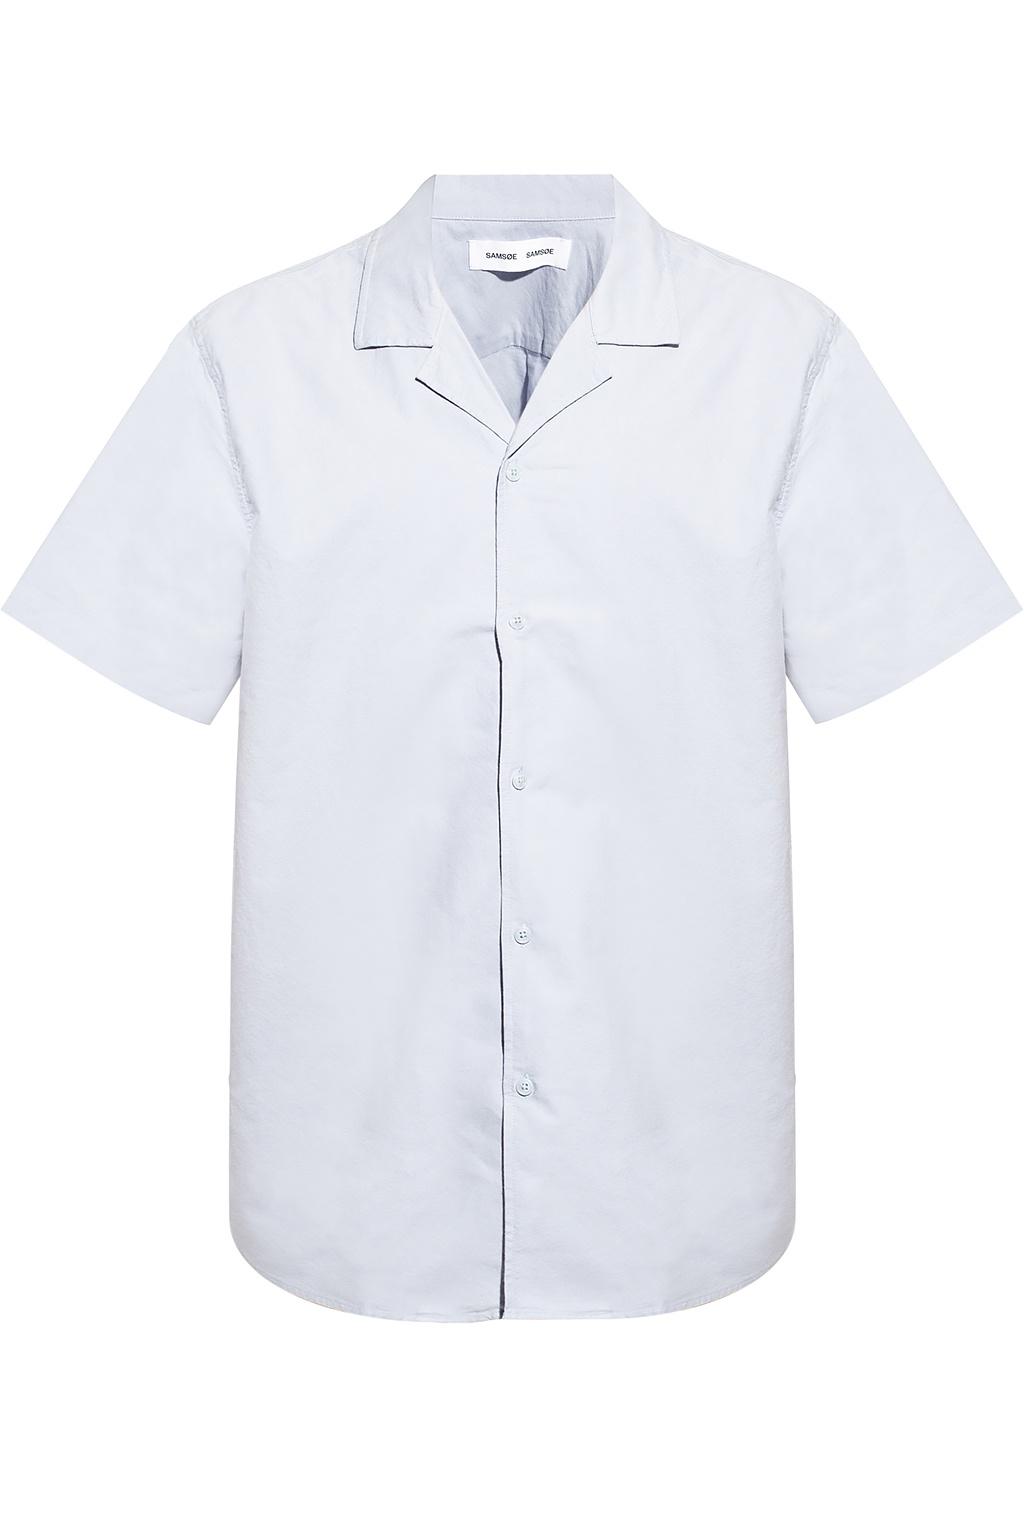 Samsøe Samsøe Shirt with short sleeves